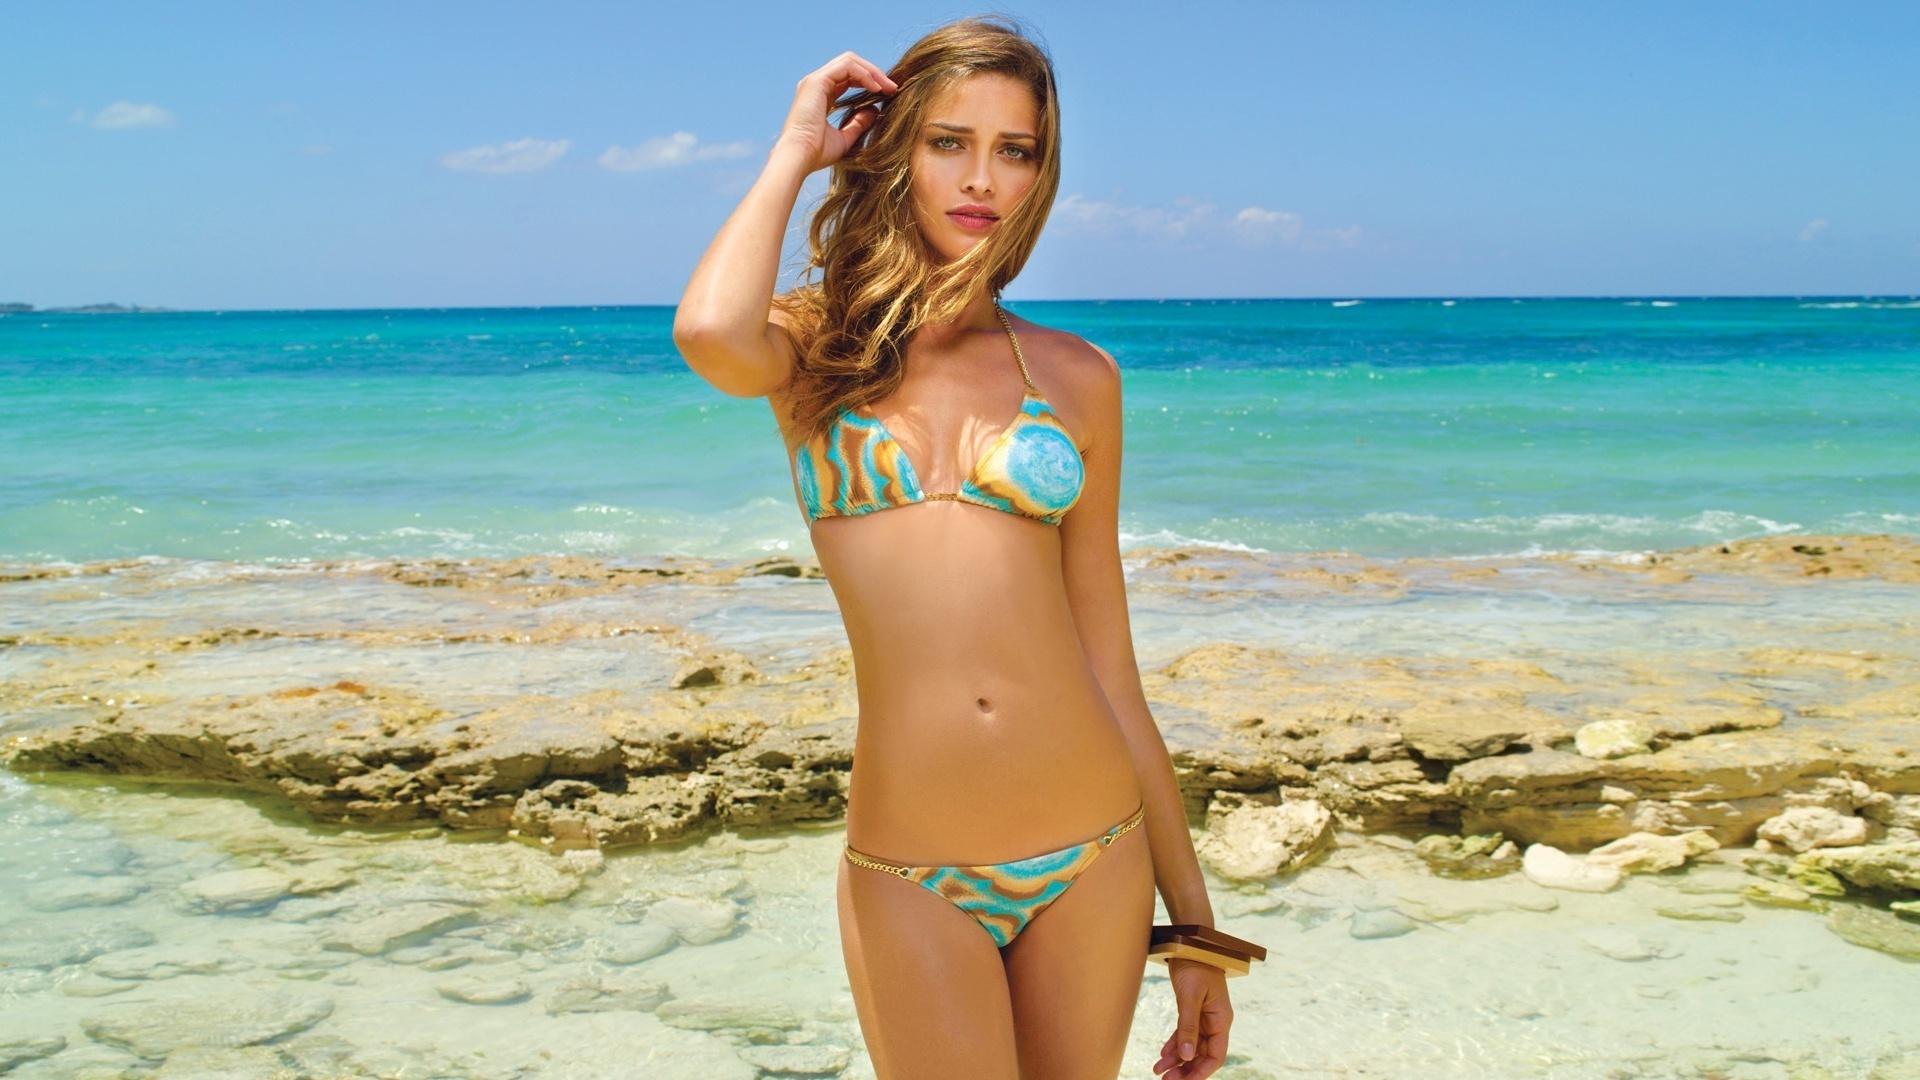 Девушка в купальнике на пляже фото картинки